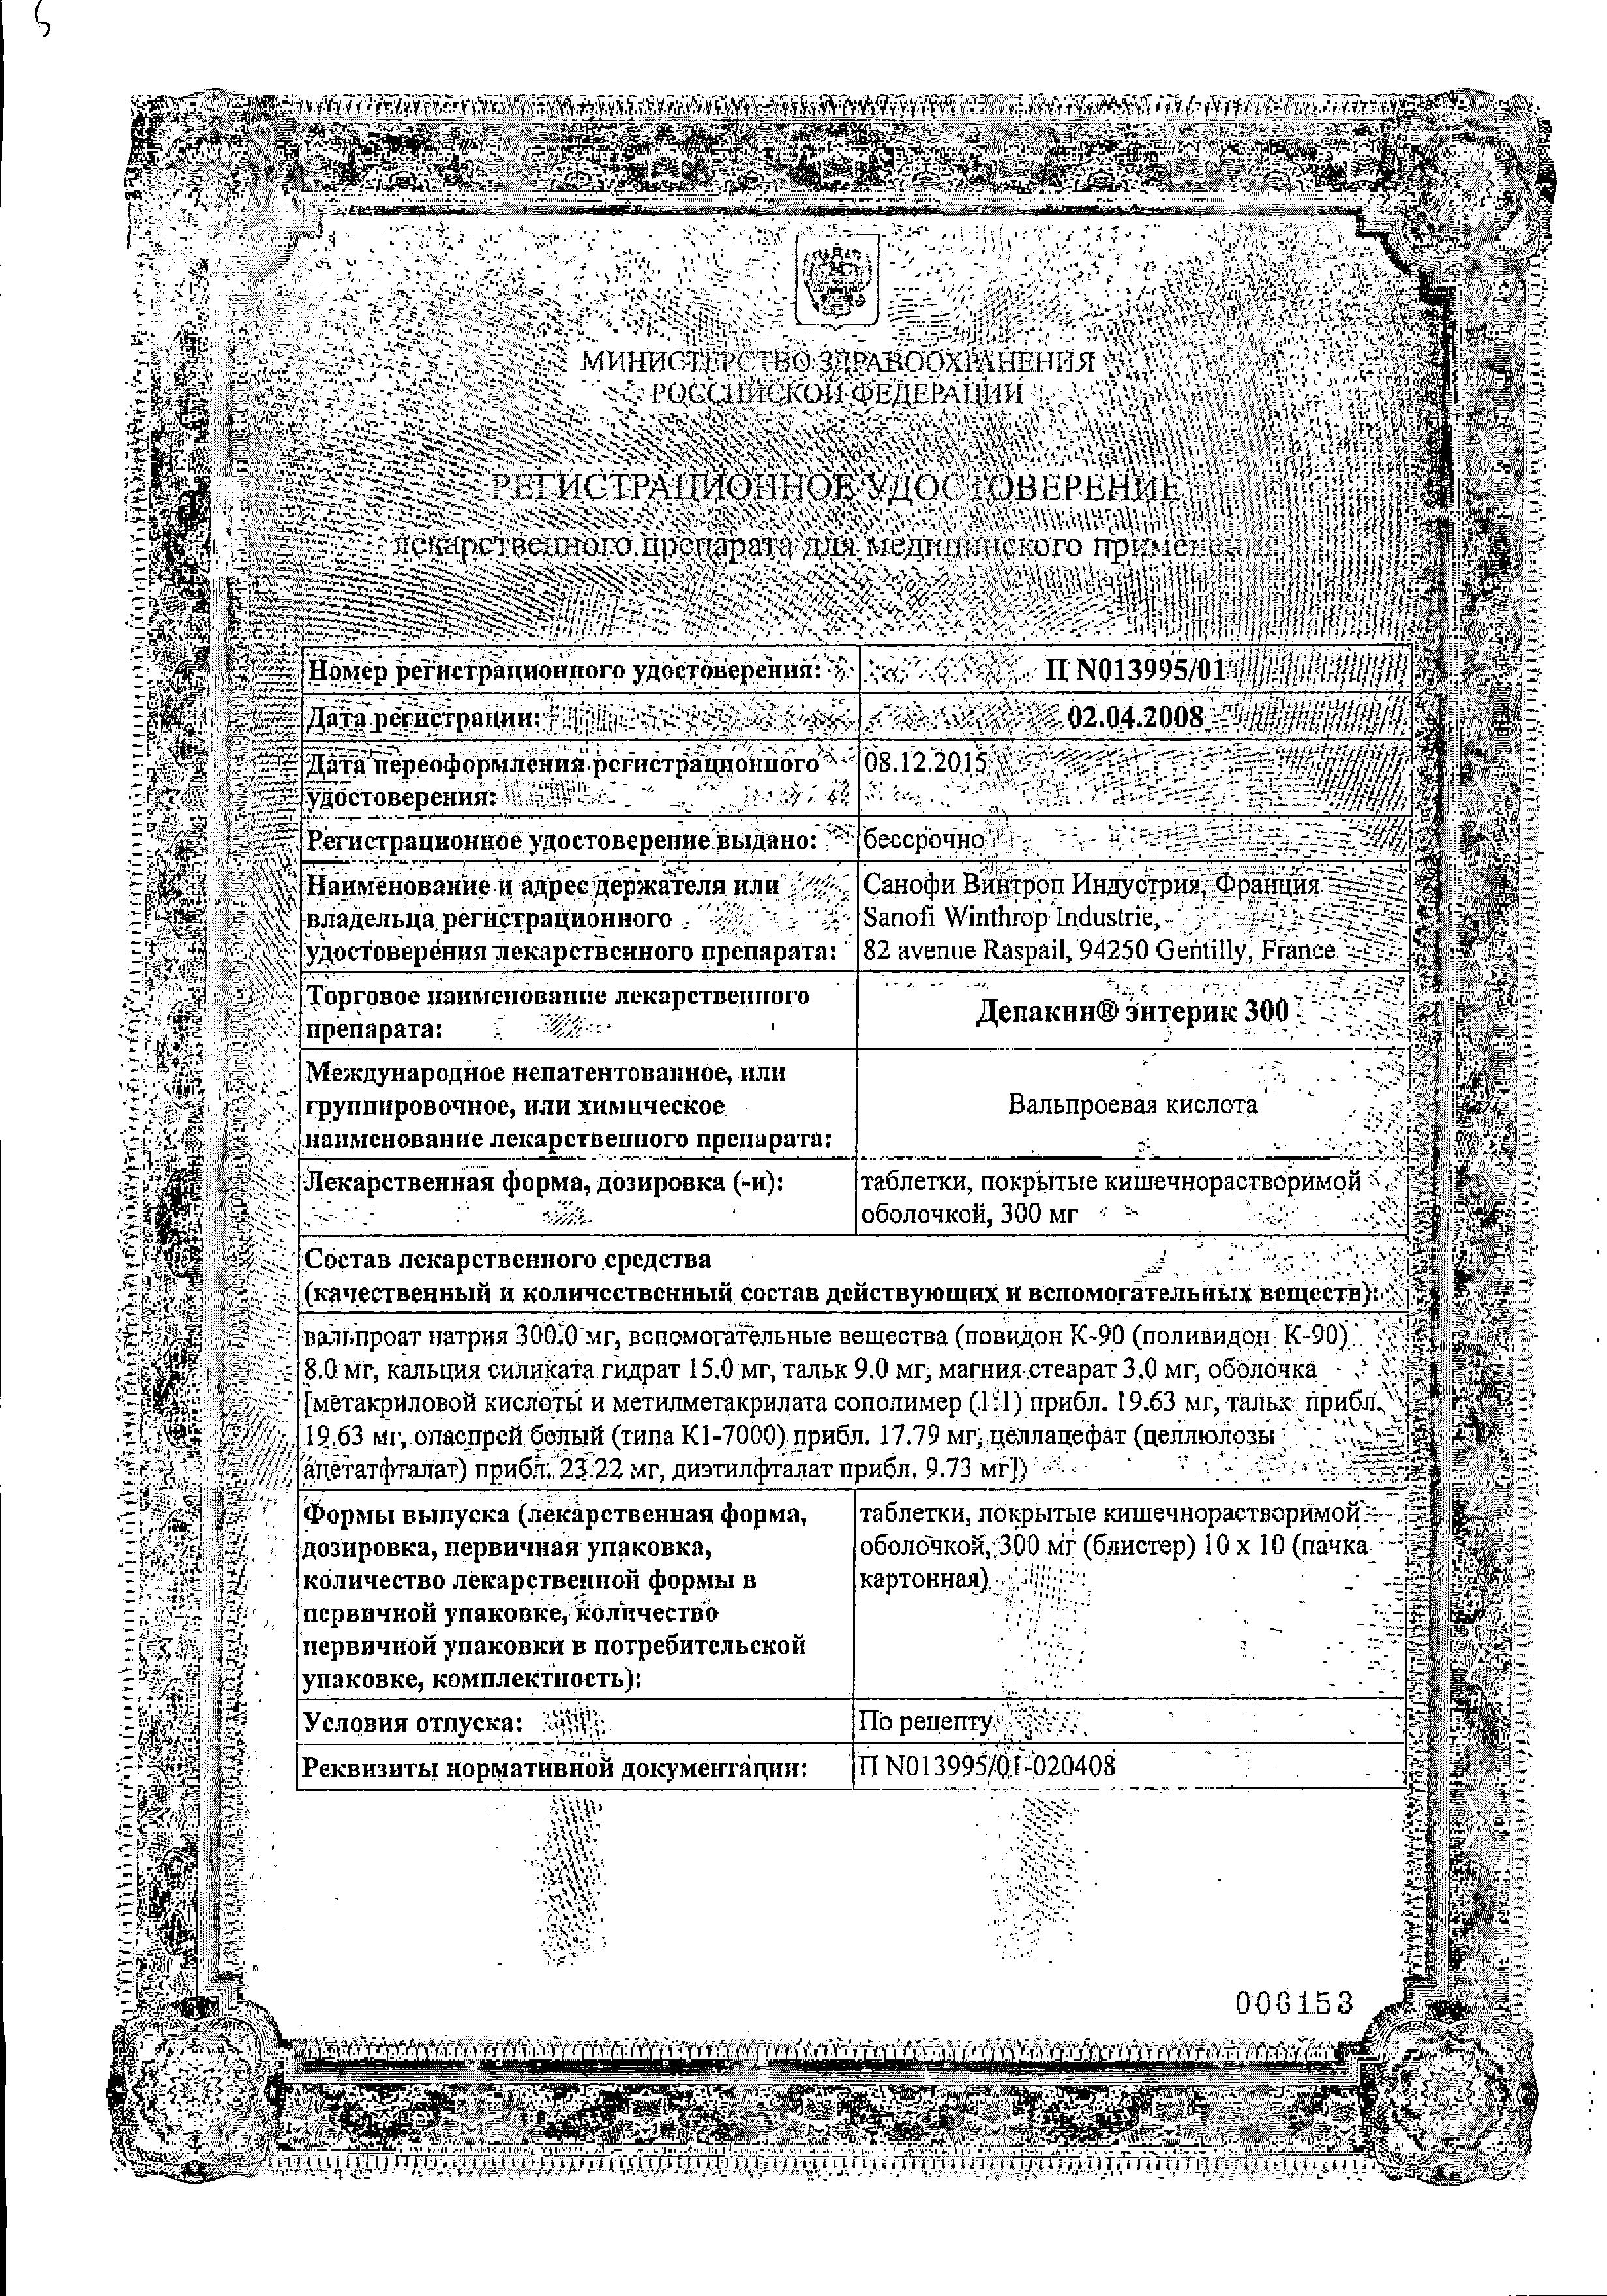 Депакин энтерик 300 сертификат